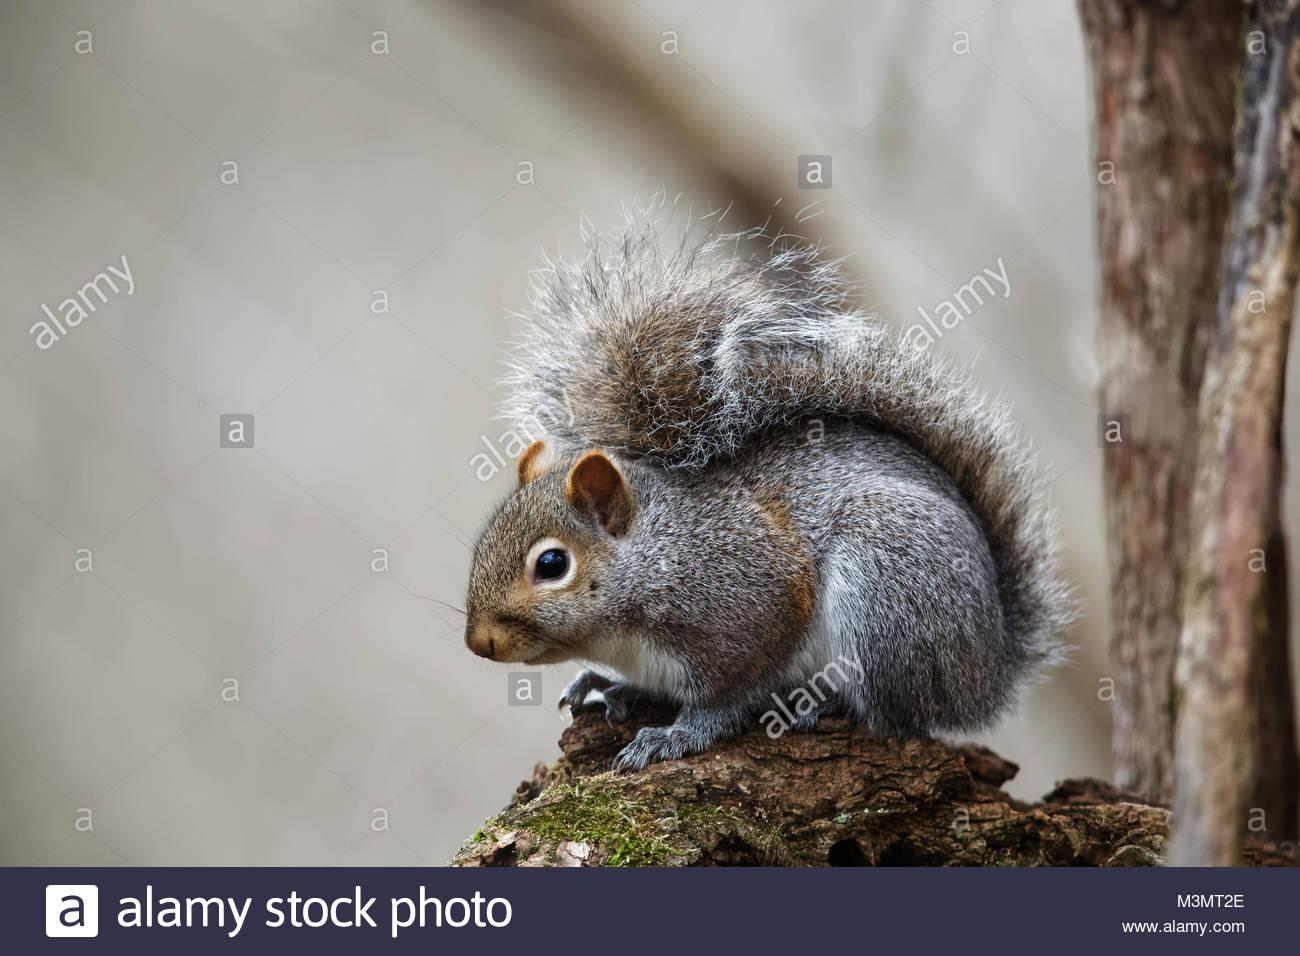 Gray Squirrel (Sciurus carolinensis) - Stock Image